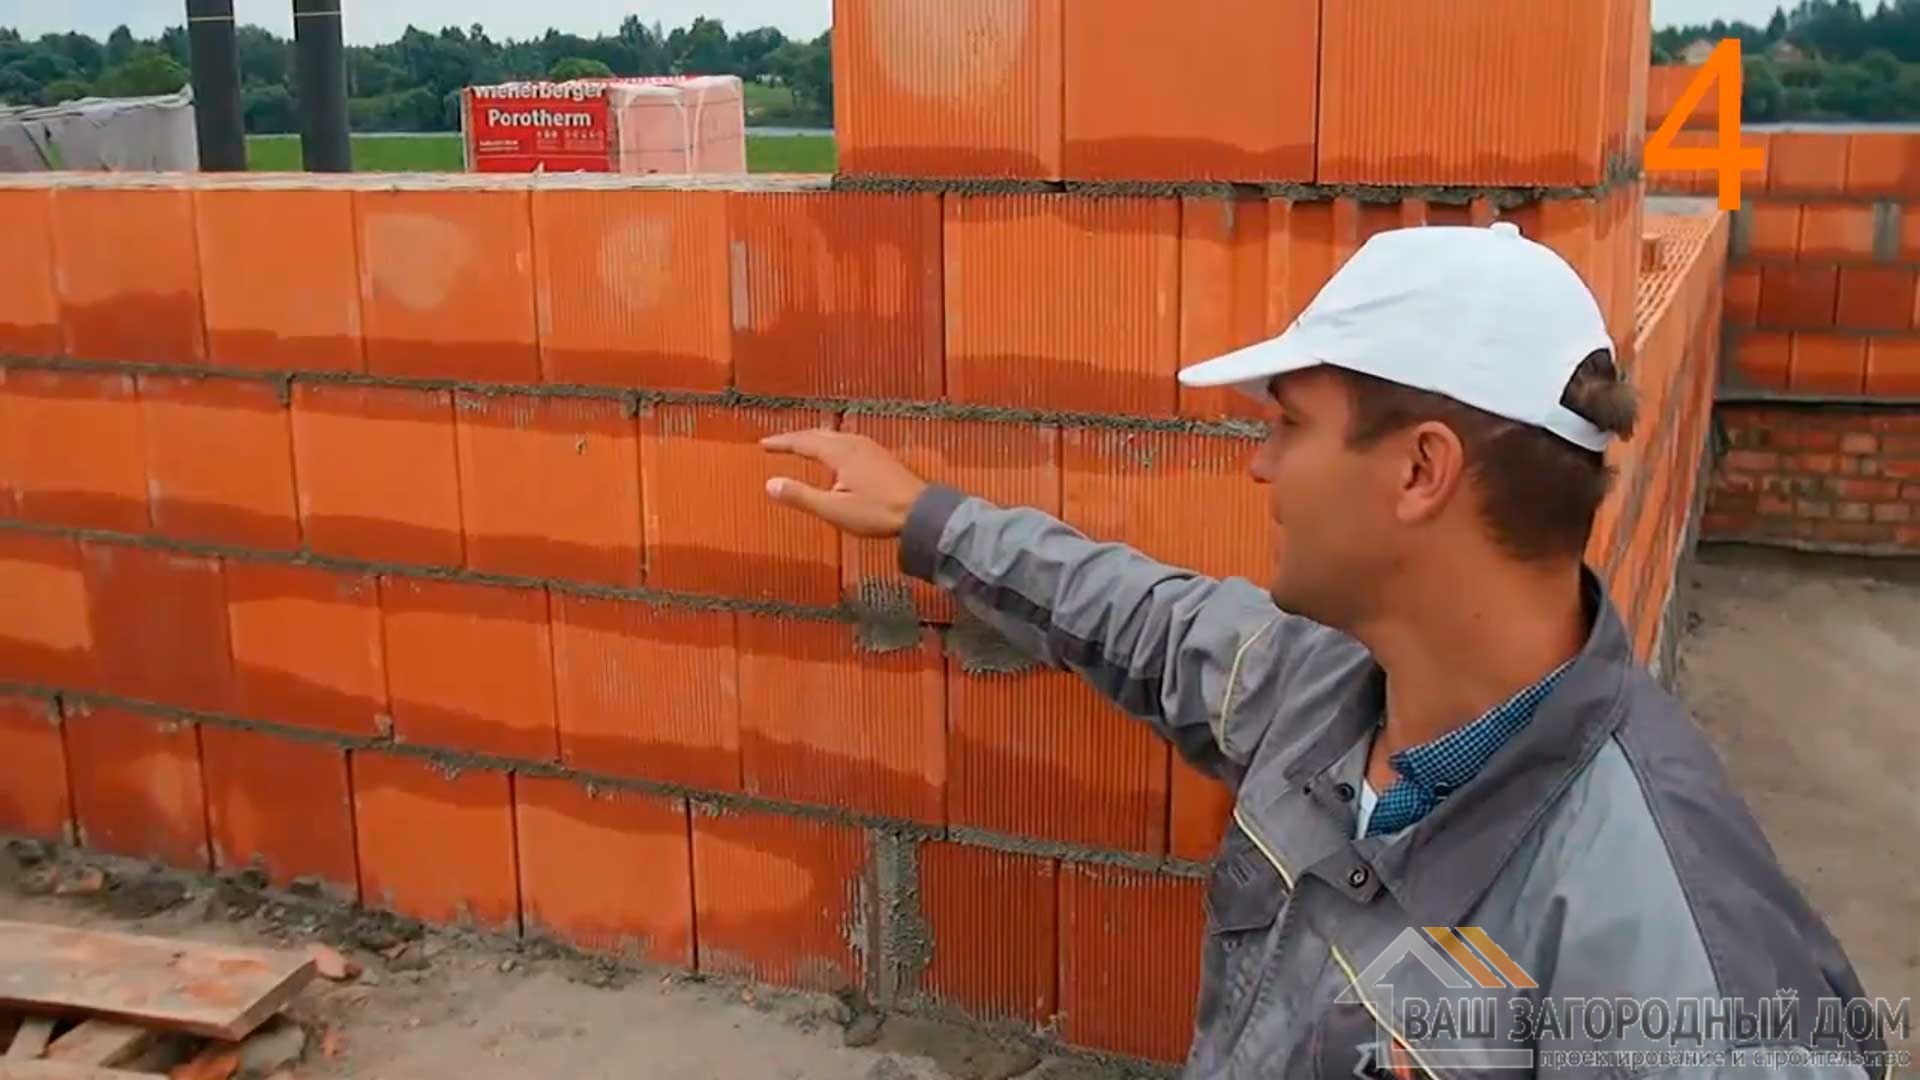 Толщина шва и способ приготовление смеси при строительстве дома из керамических блоков porotherm